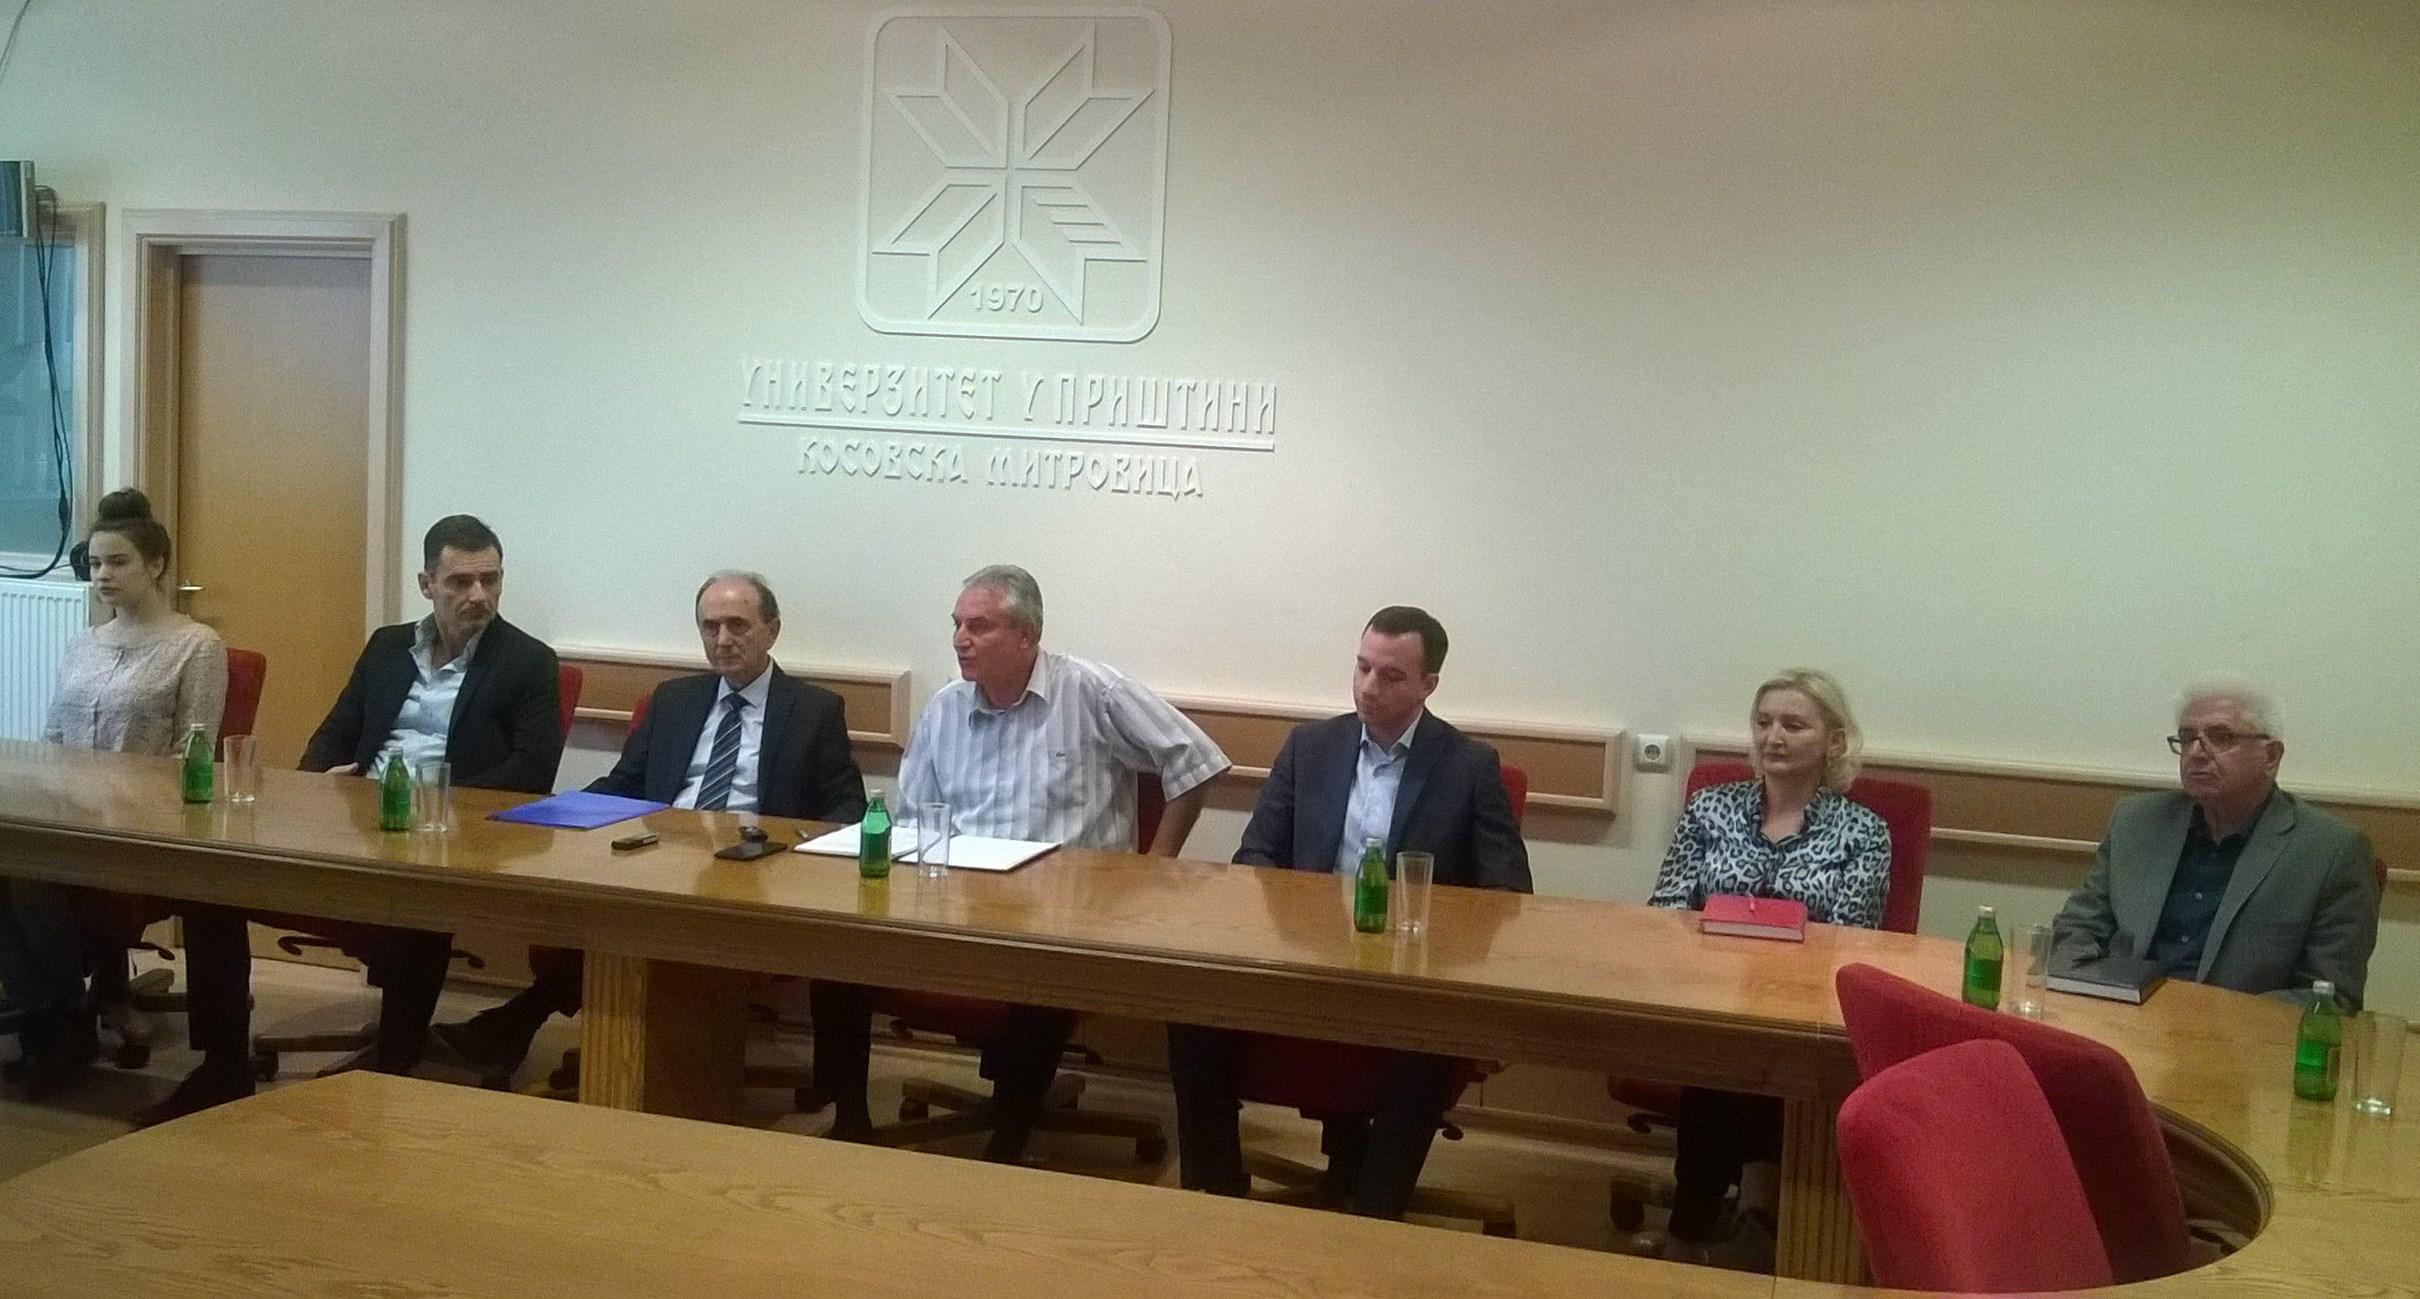 fondacija-privrednik-urucila-stipendije-najboljim-studentima-univerziteta-u-pristini